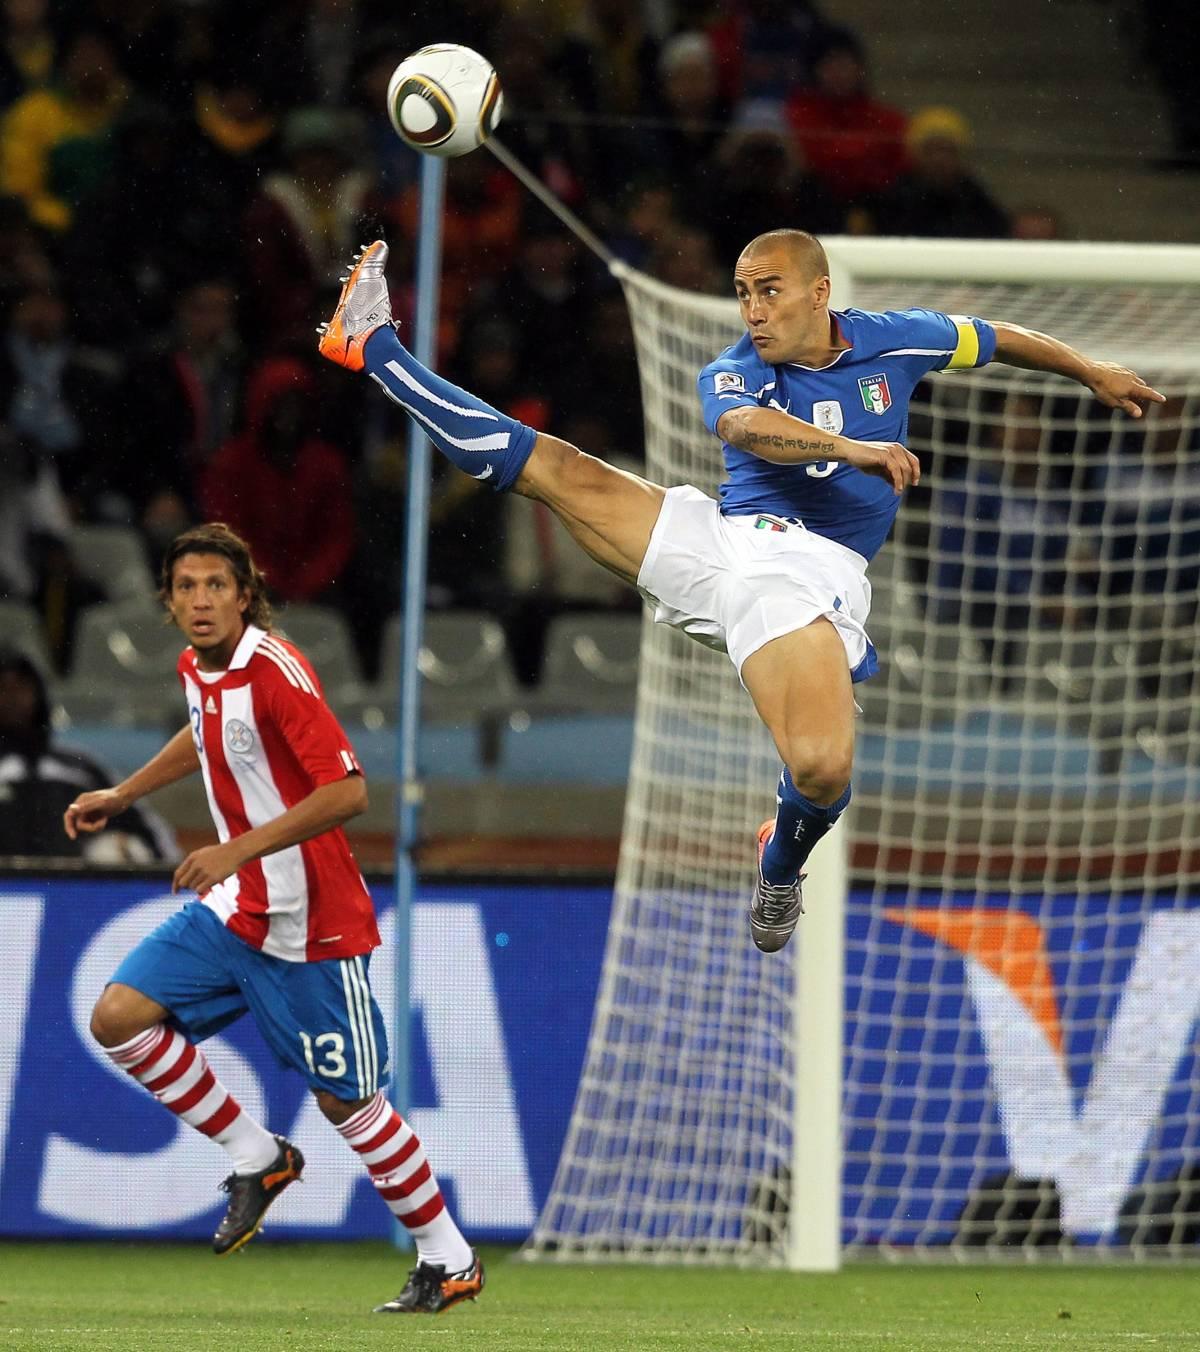 Le pagelle: Pepe, corsa e qualità  Cannavaro, una sola distrazione